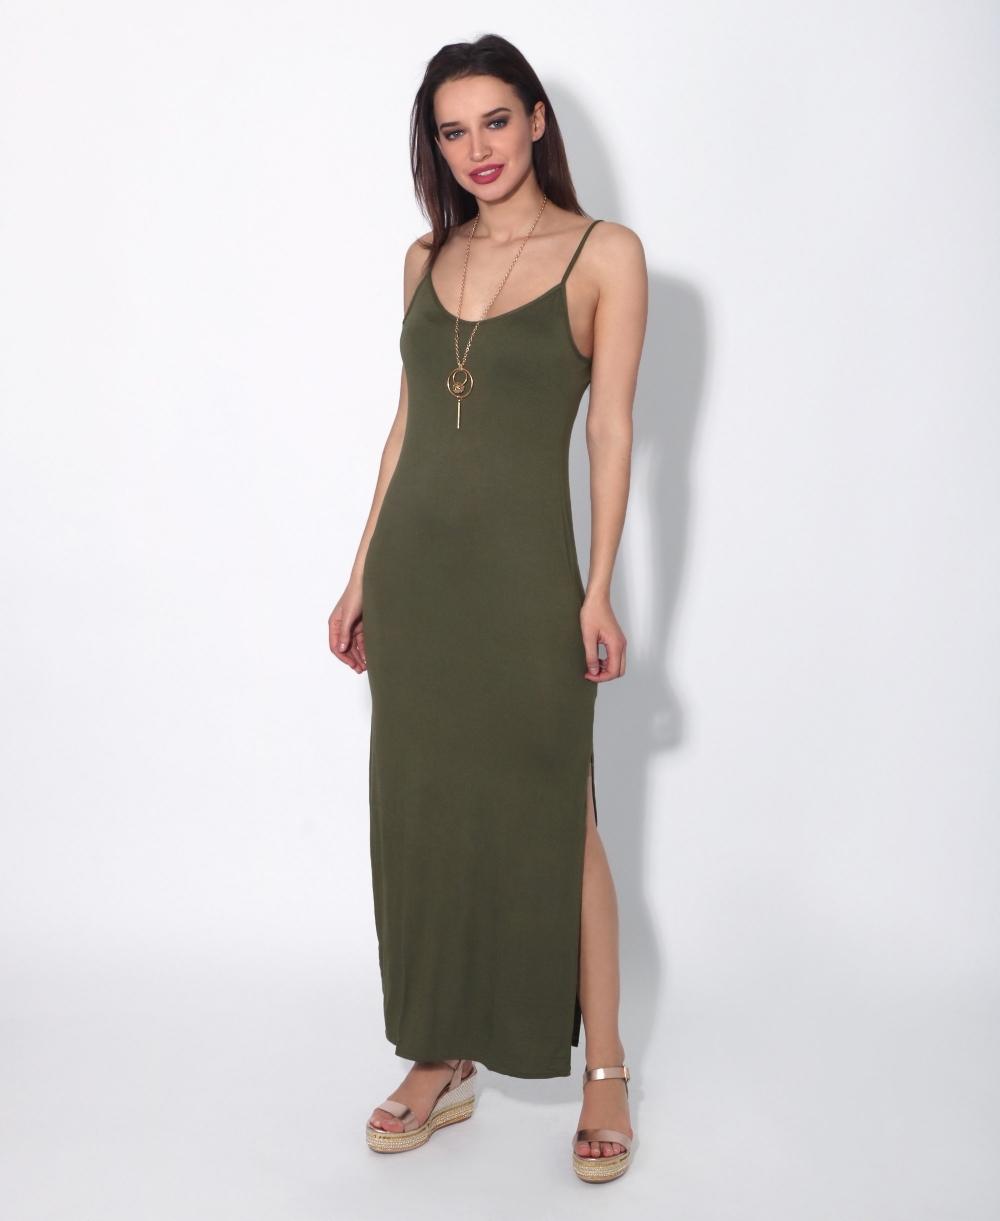 Jersey Maxi Jurk.Krisp Strappy Jersey Maxi Dress